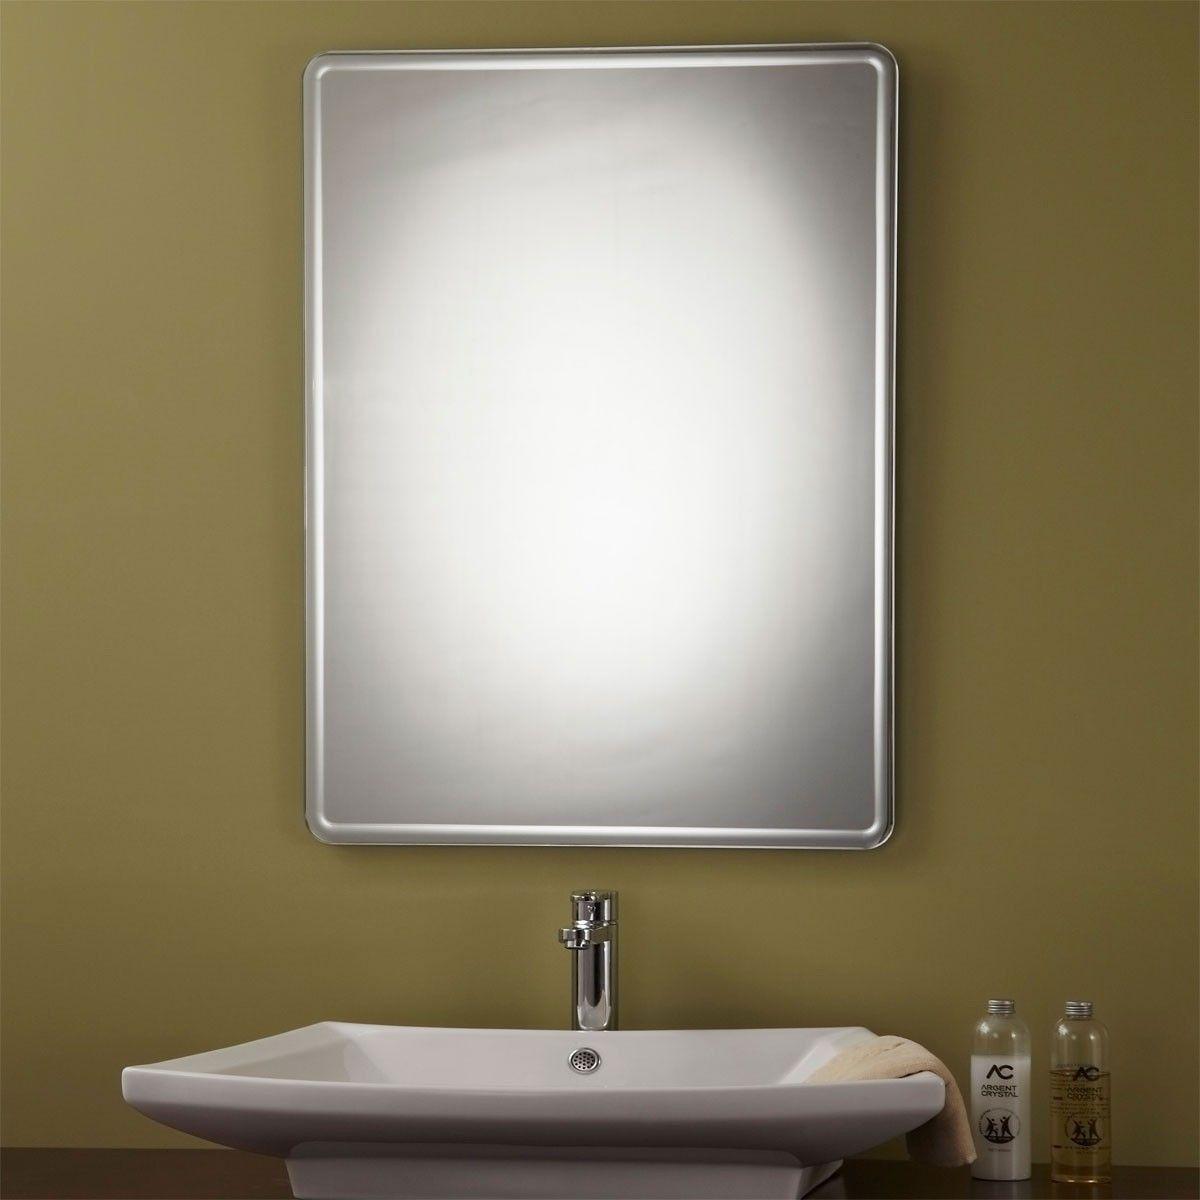 24 x 32 po Miroir Argenté Sans Cadre de Salle de Bains - Réversible et Bord Rond Poli (YJ-169H)